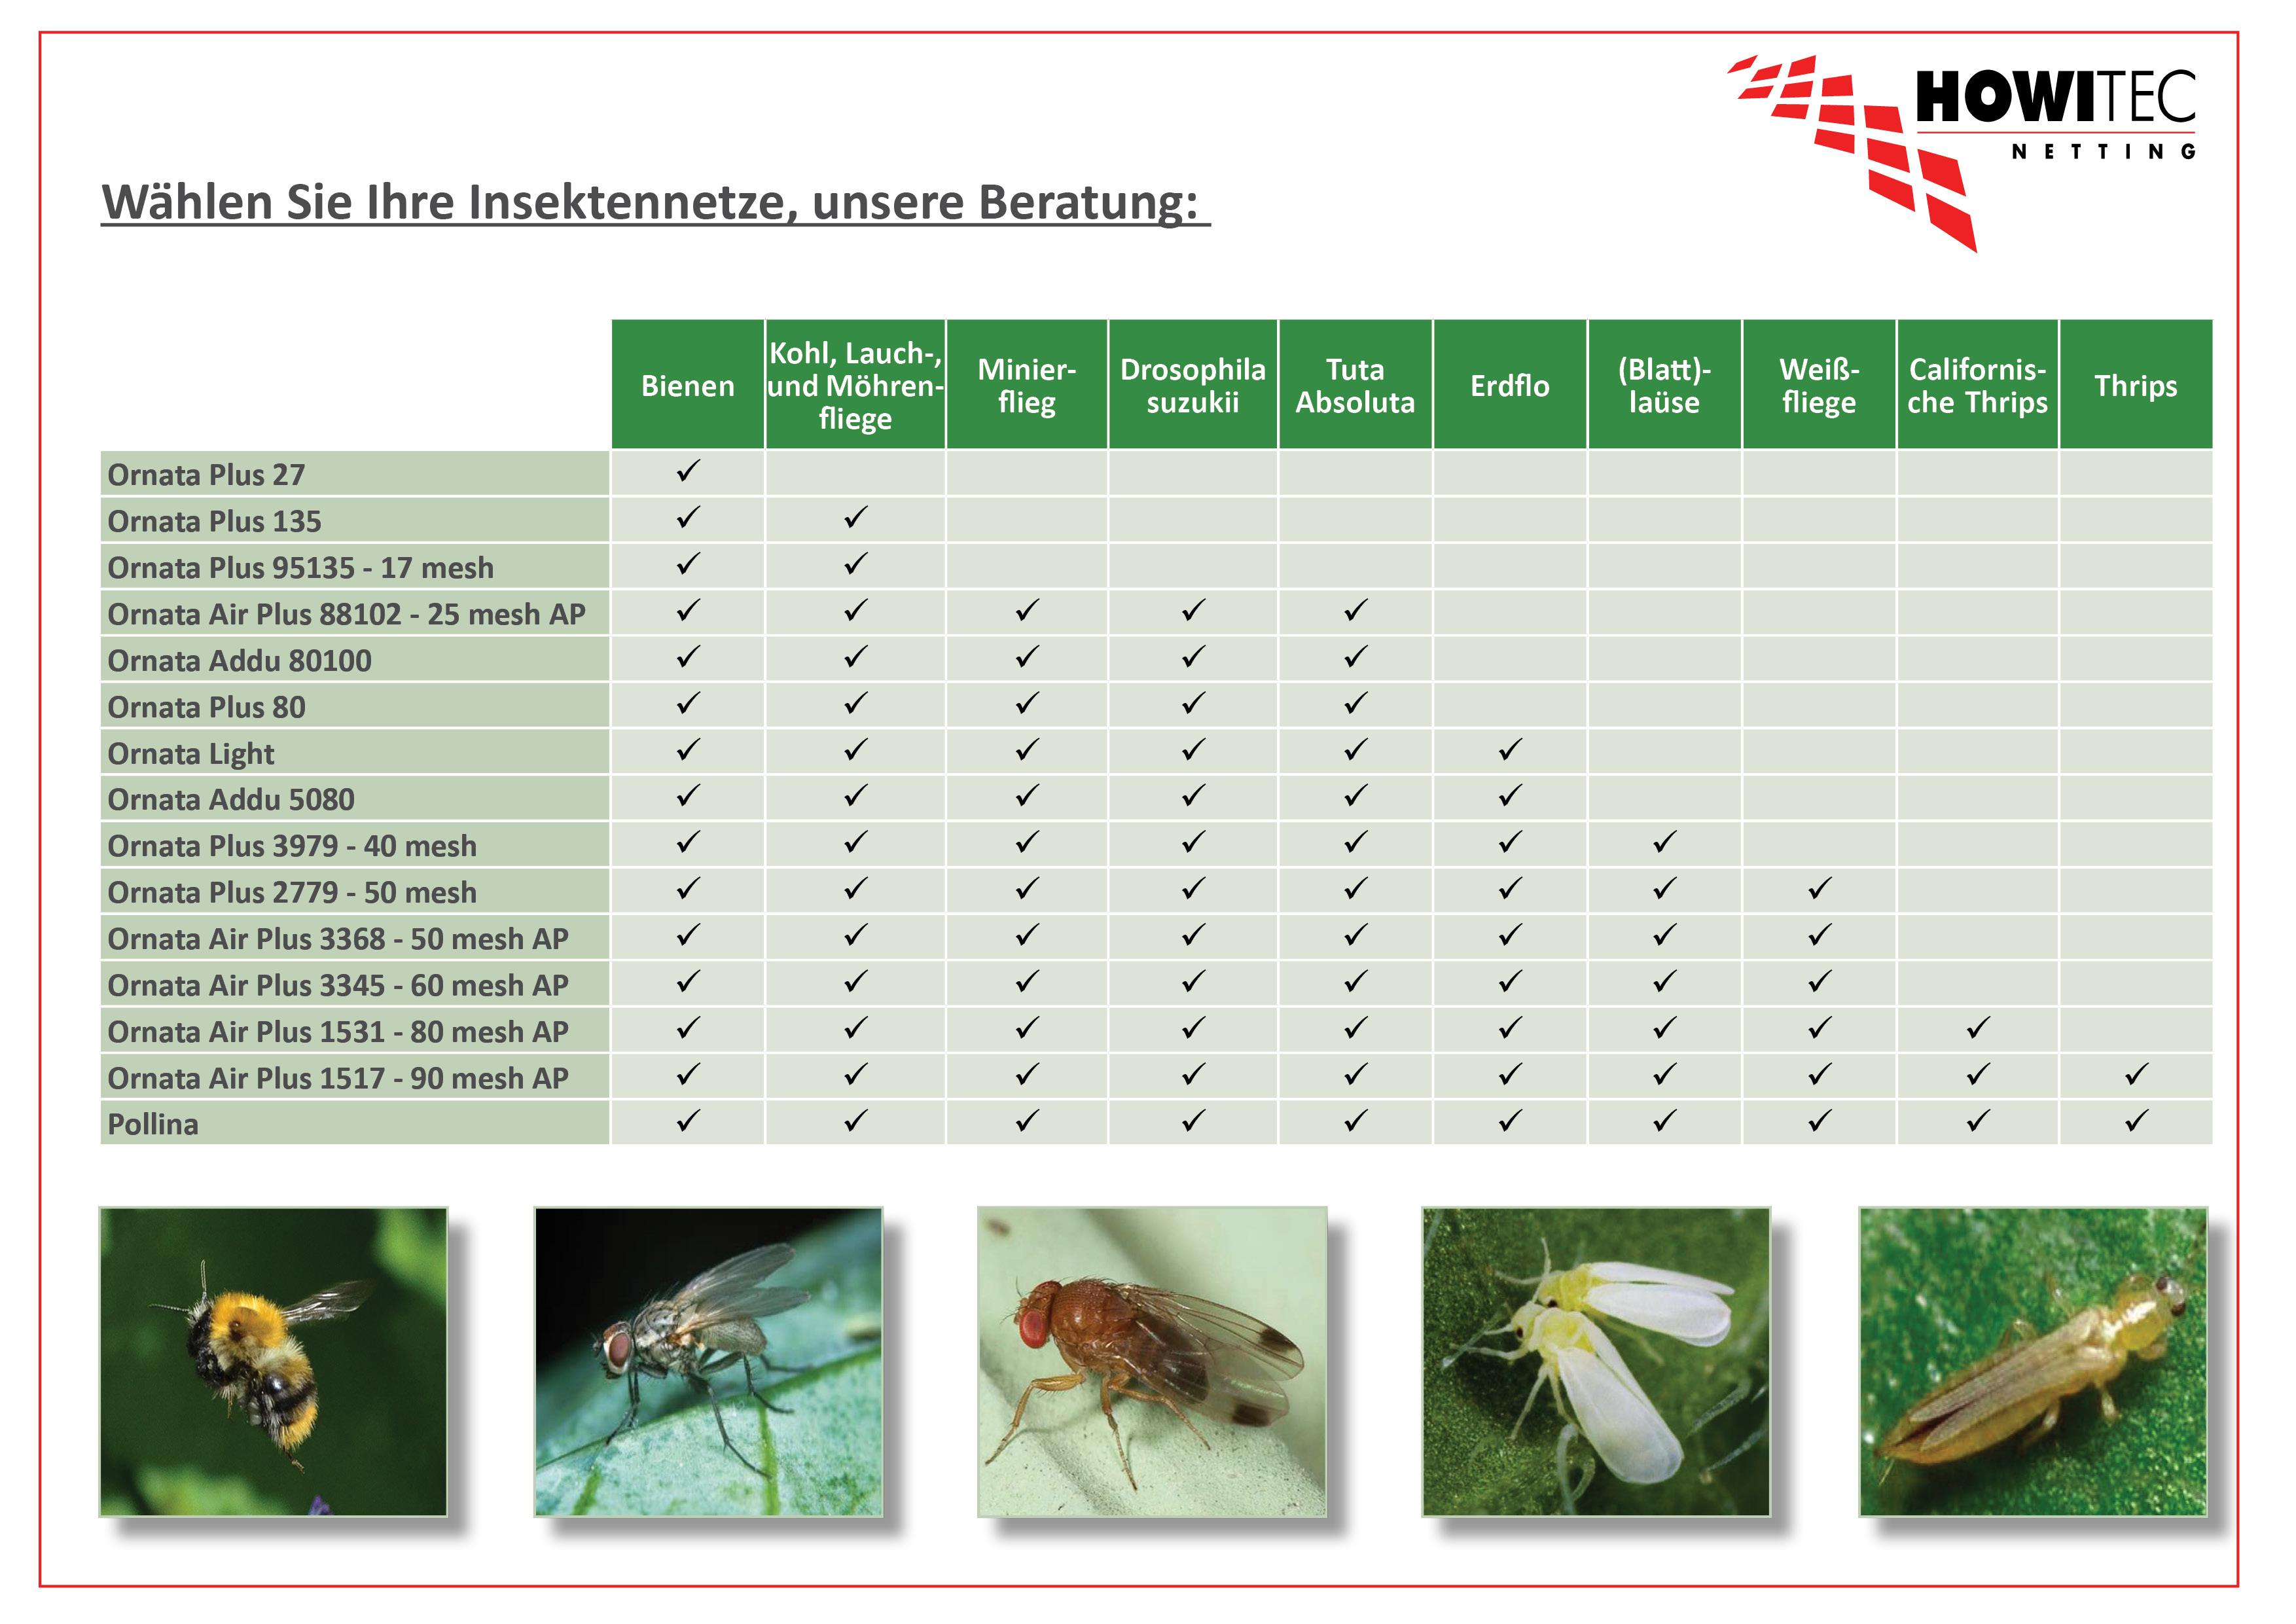 Beratung Insektennetze